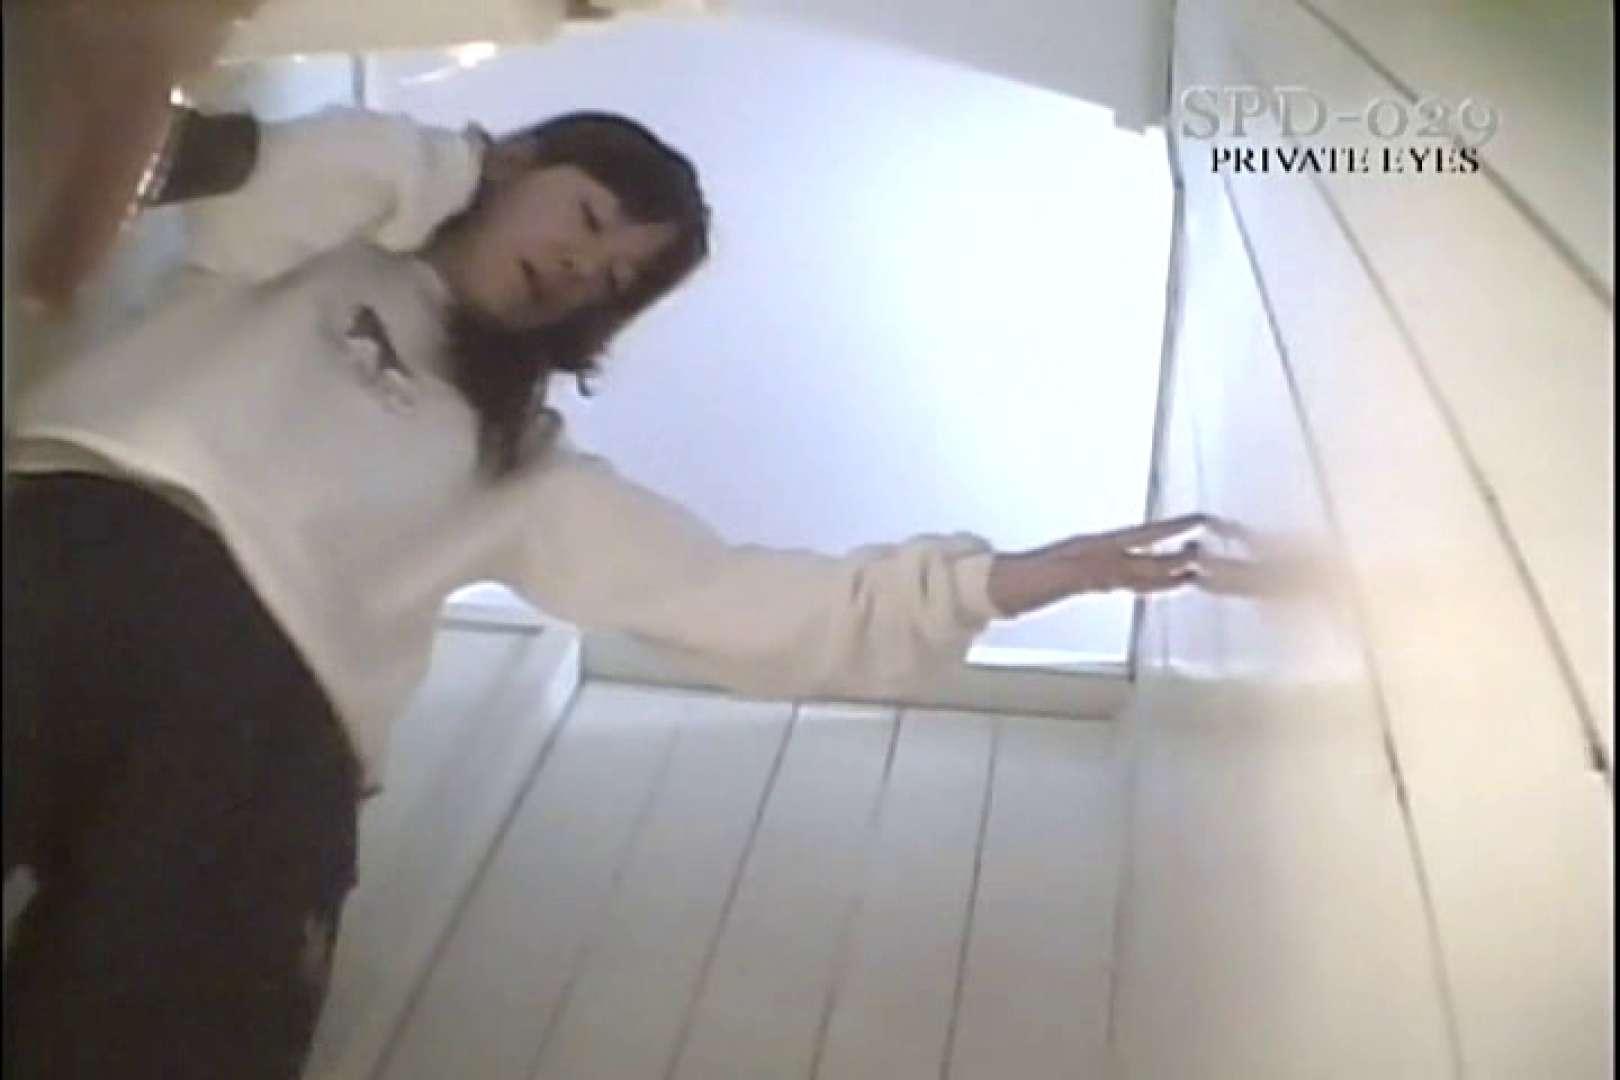 高画質版!SPD-029 和式厠 モリモリスペシャル 厠 覗きオメコ動画キャプチャ 86画像 27